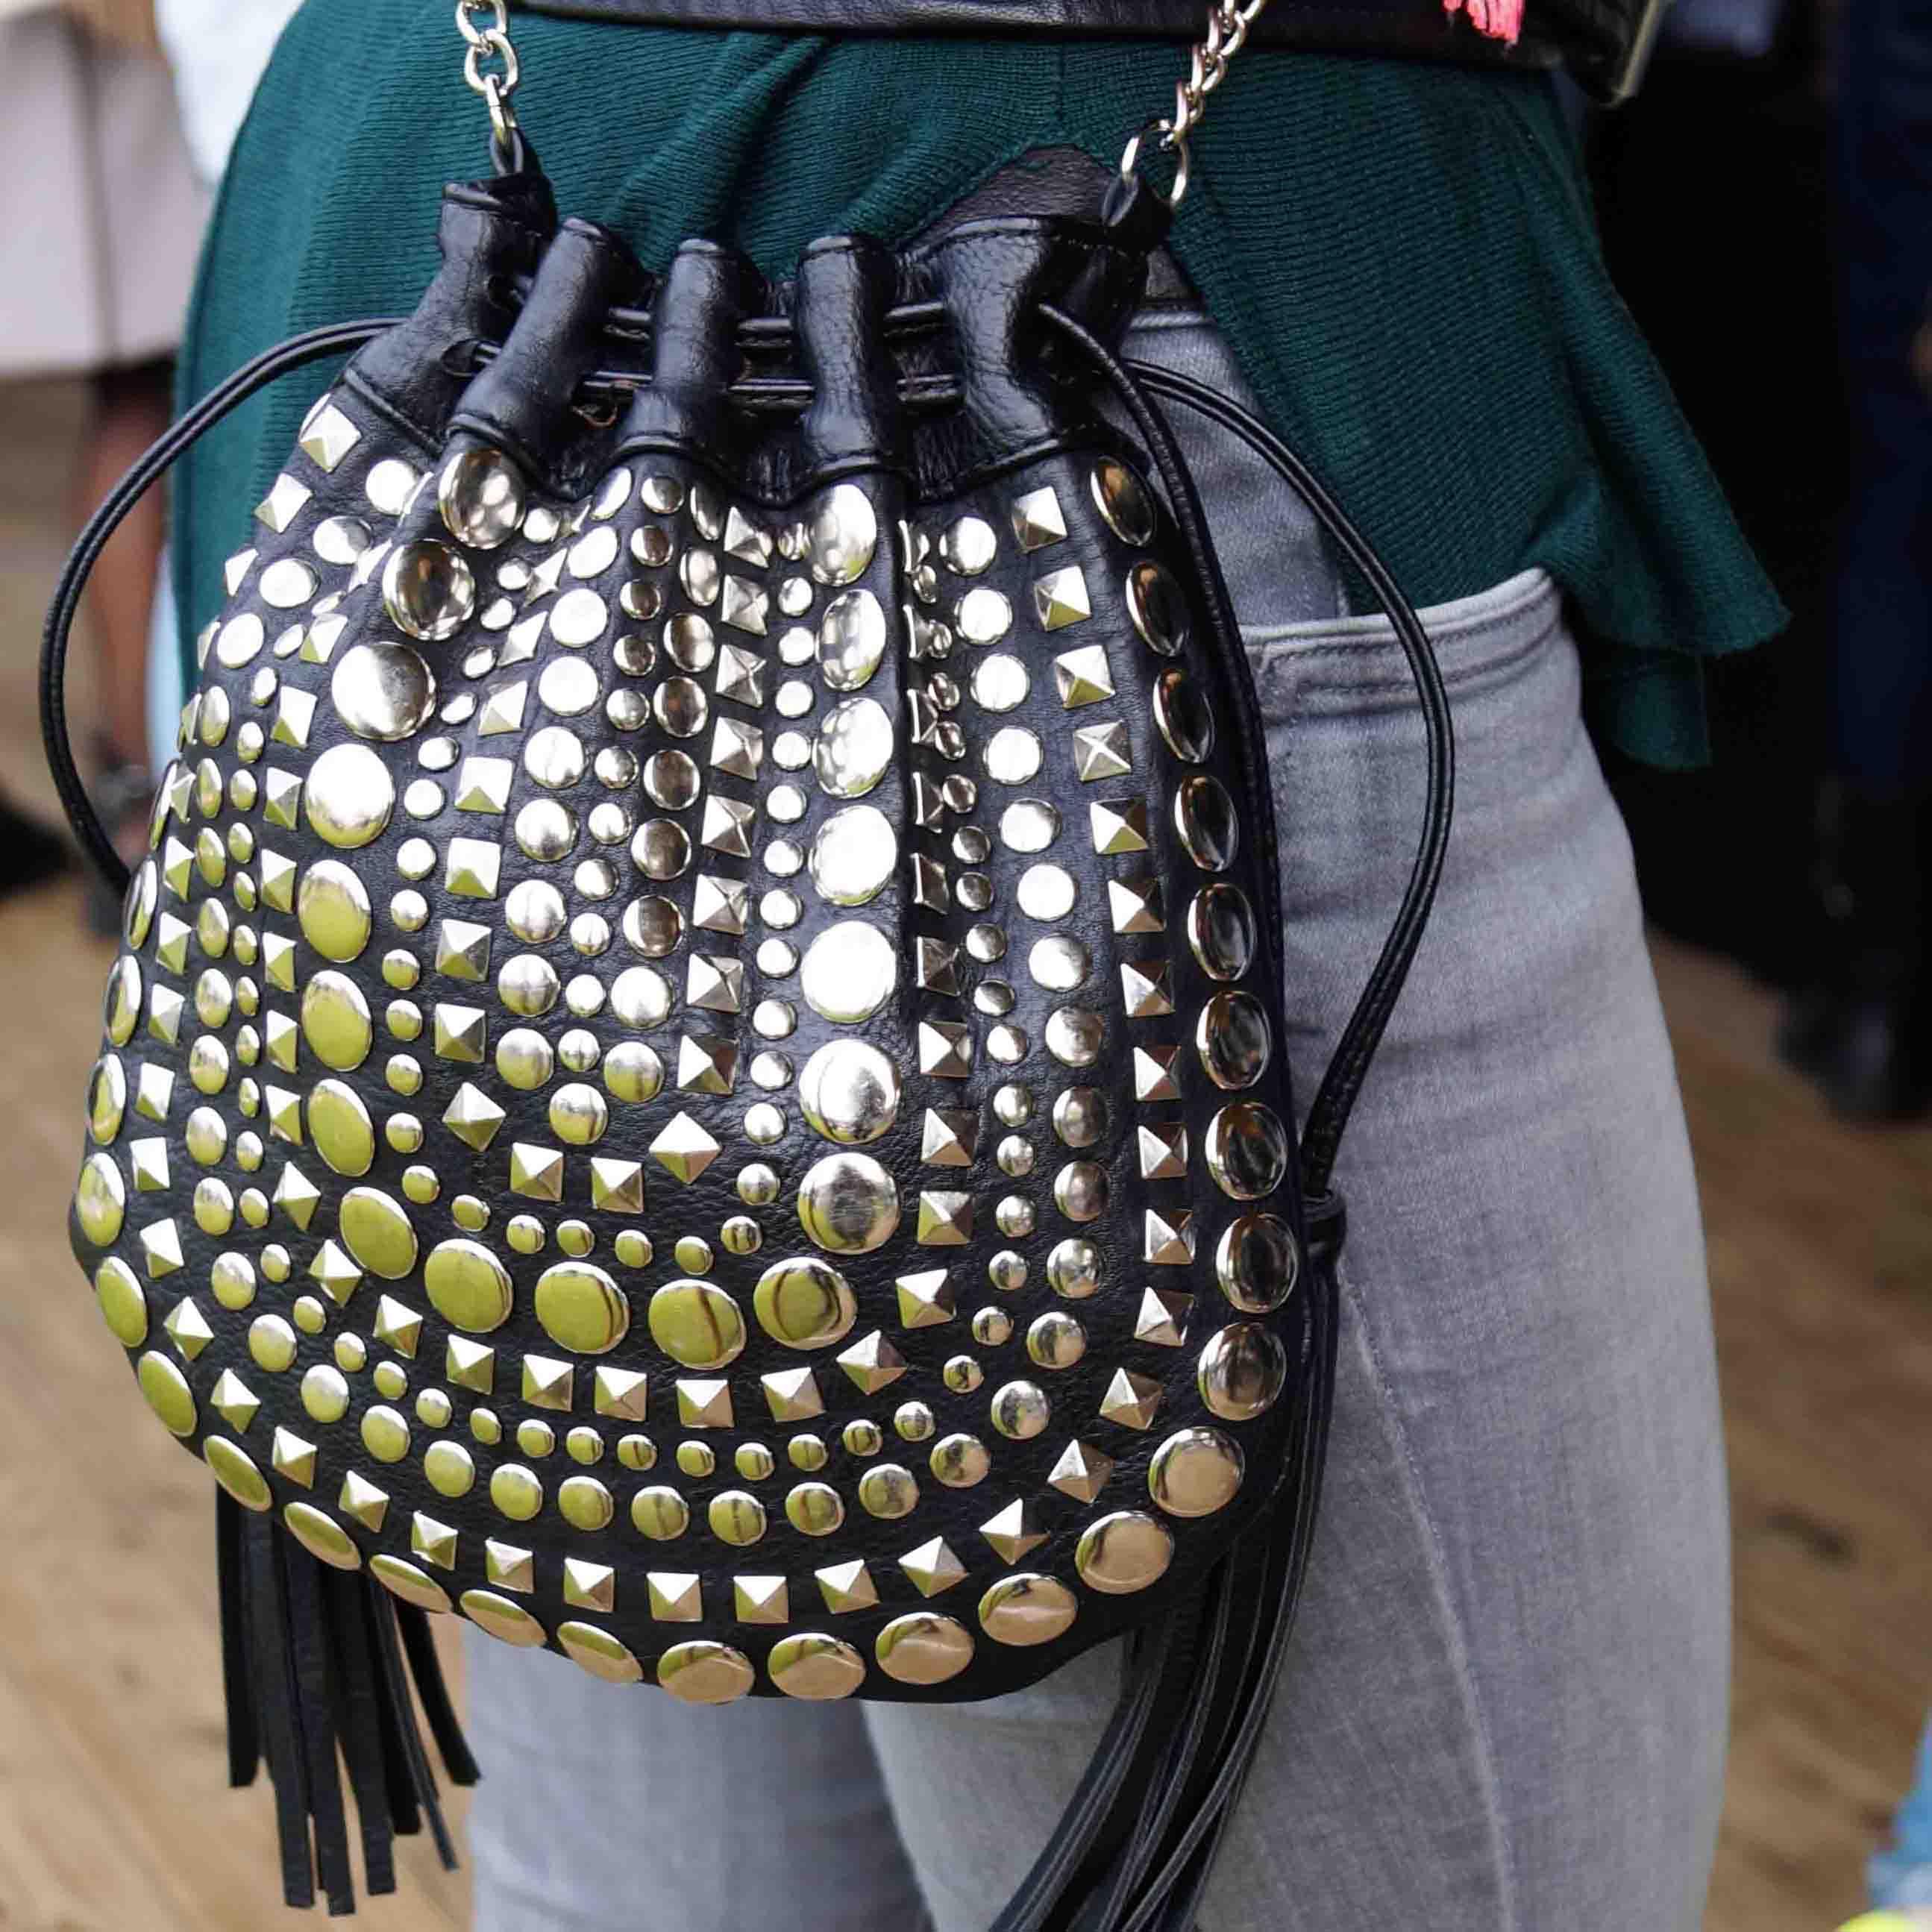 Bag at You - Fashion Blog - Fierce Fashion Festival - Fab Crossover Bag